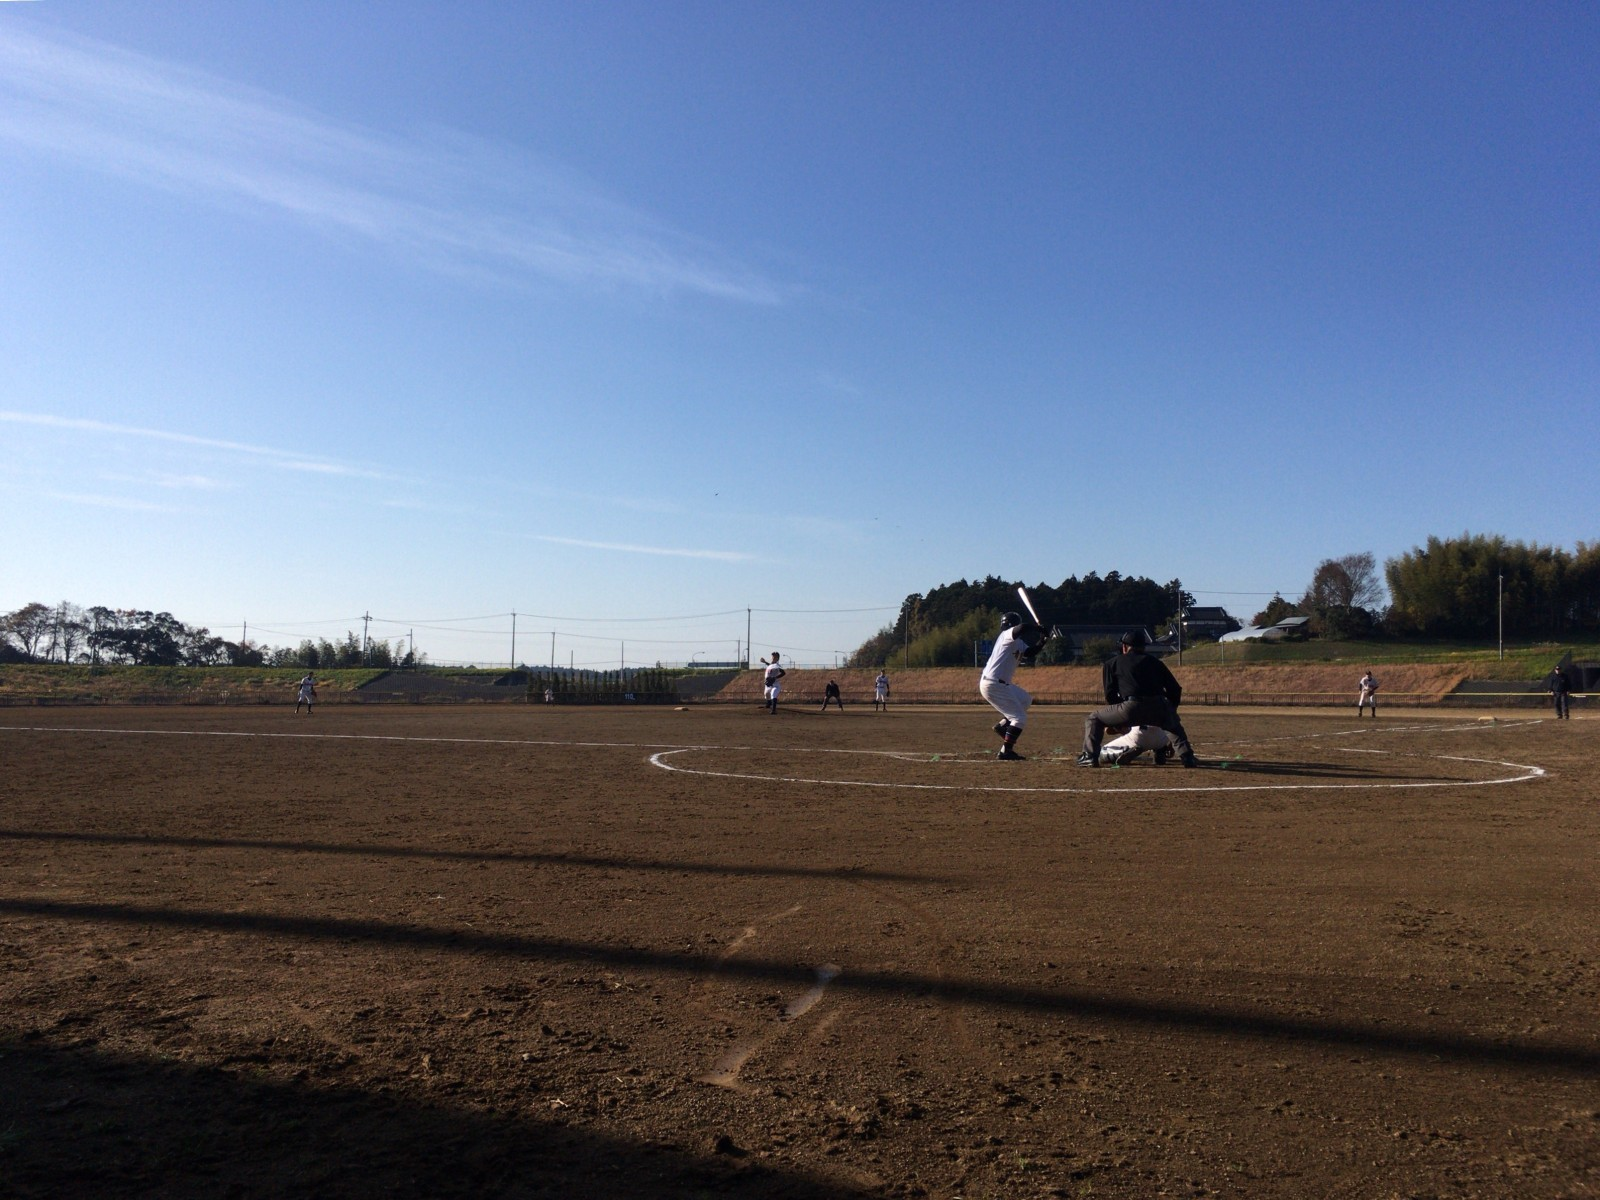 2018.12.01 第6回水戸ヤクルトカップ大会 1回戦 水戸青藍舎ヤング戦